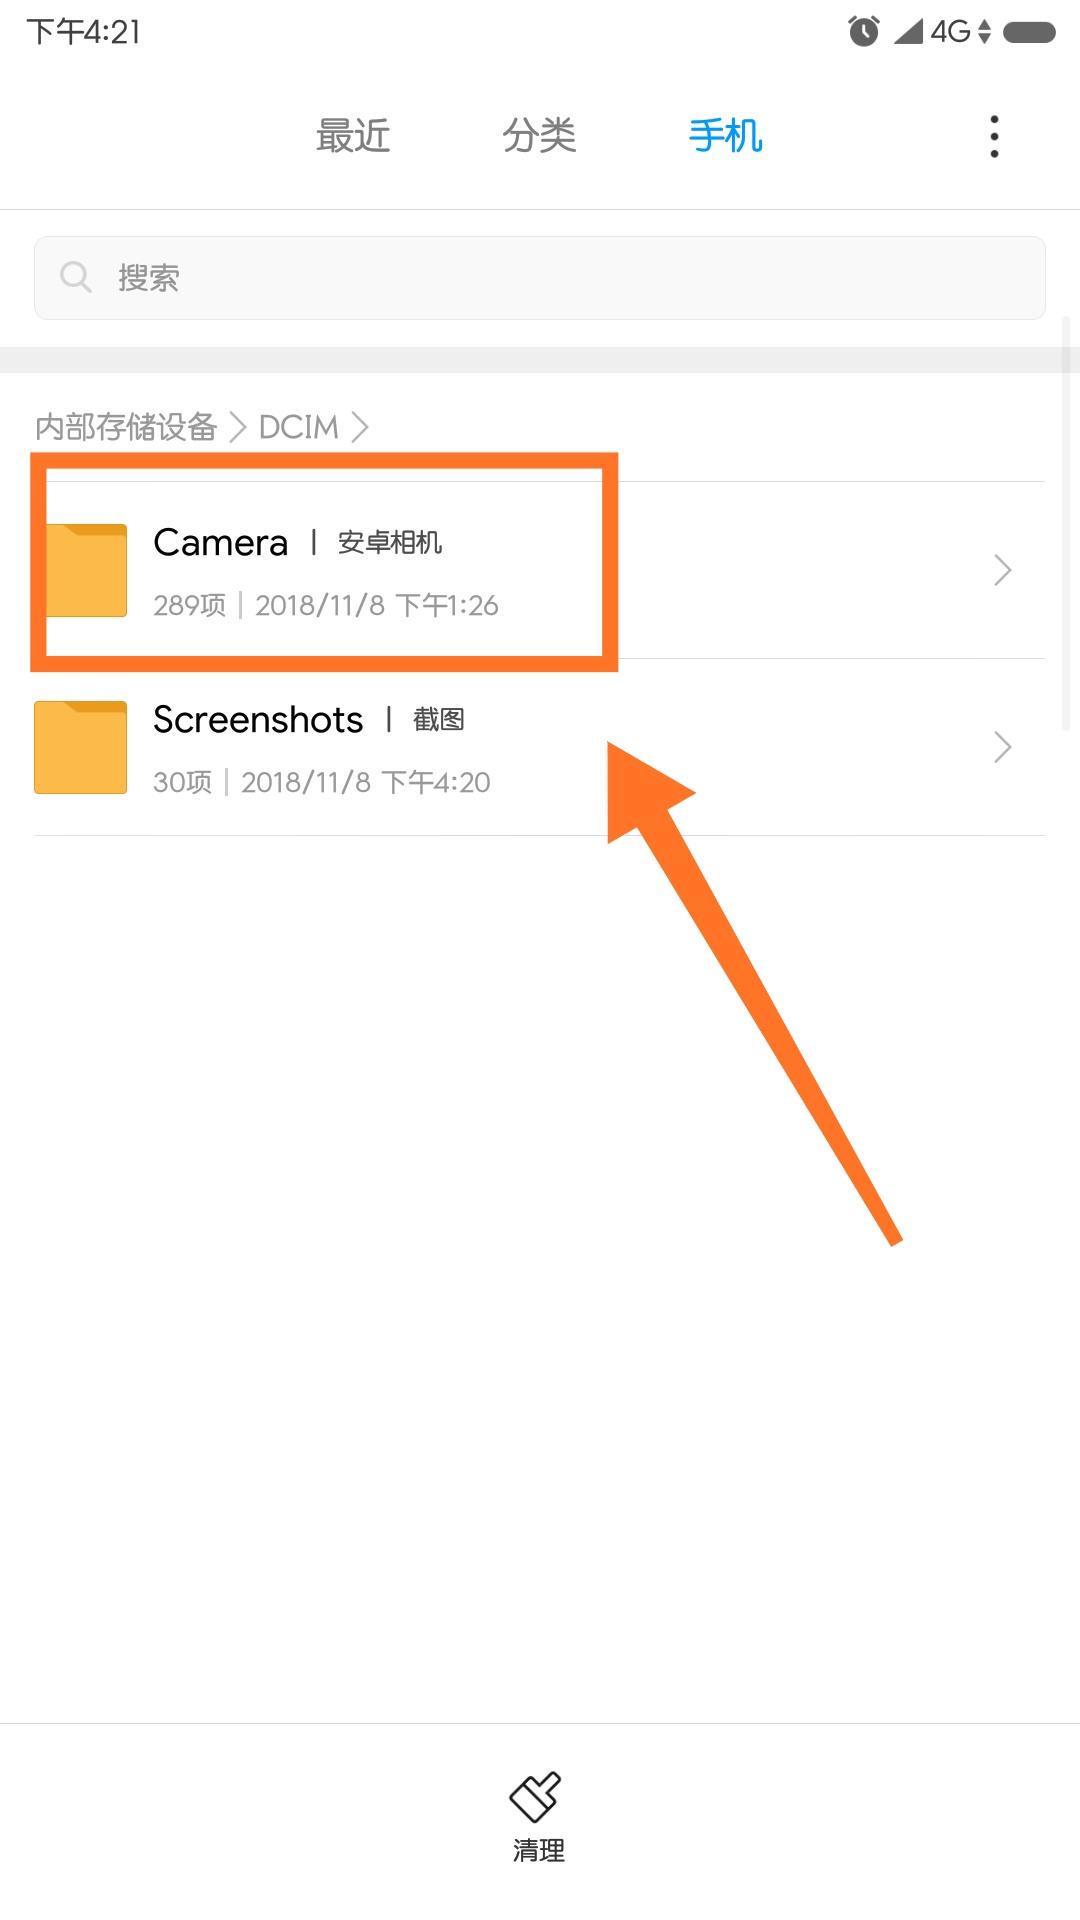 安卓手机相册文件夹_华为手机的照片在哪个文件夹里面_百度知道